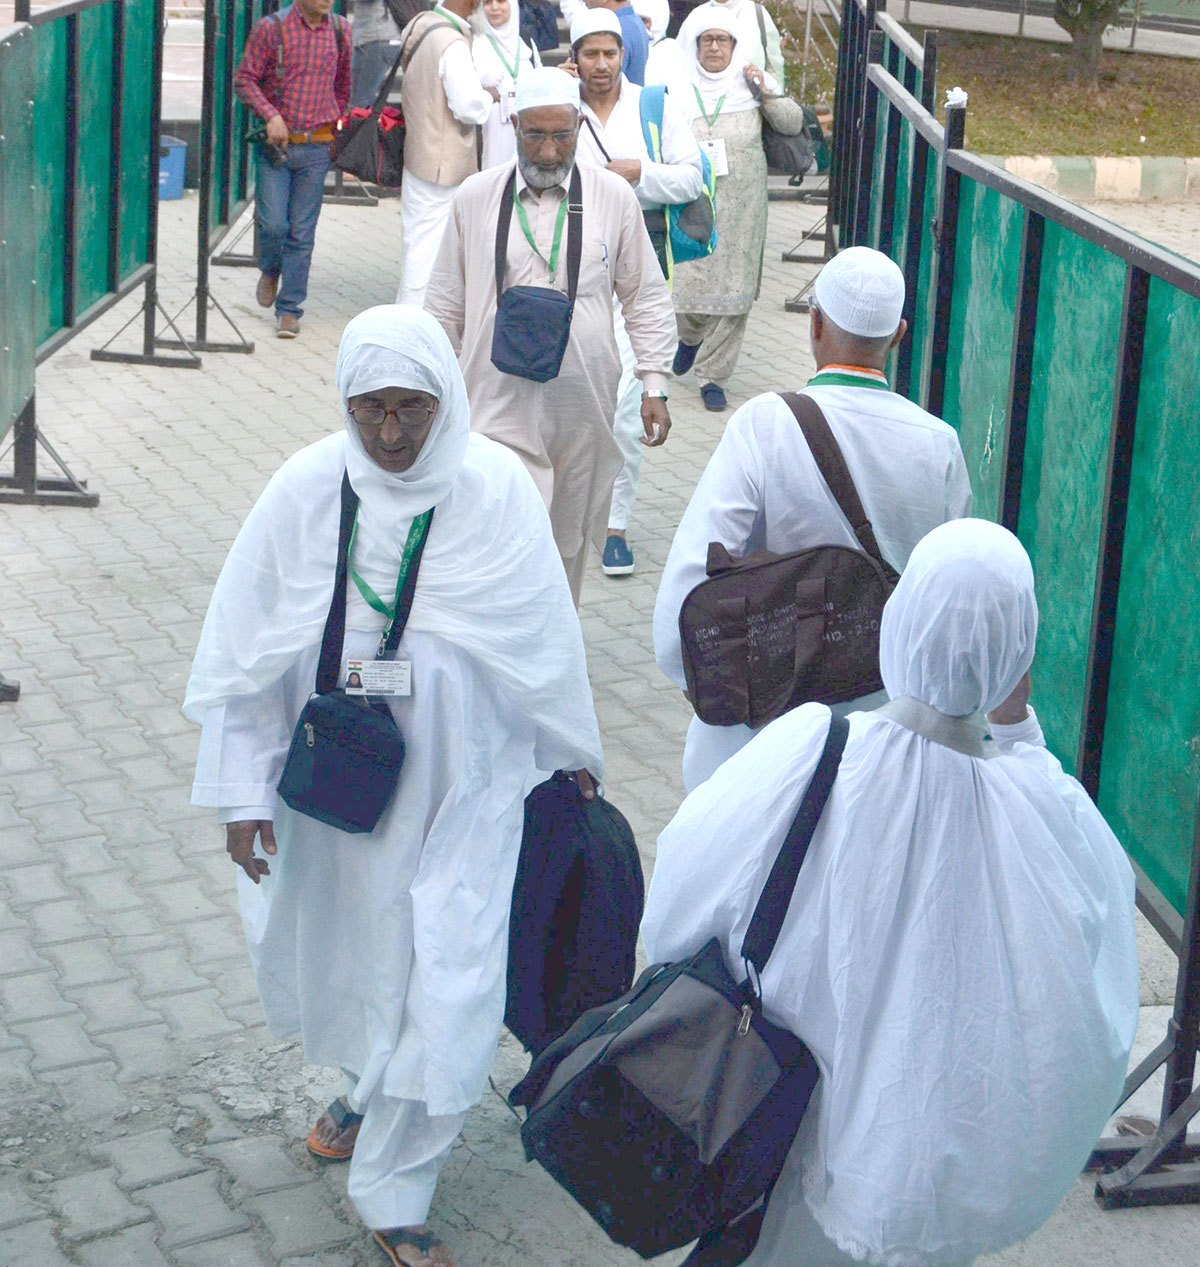 Haj pilgrims. KL Image by Bilal Bahadur